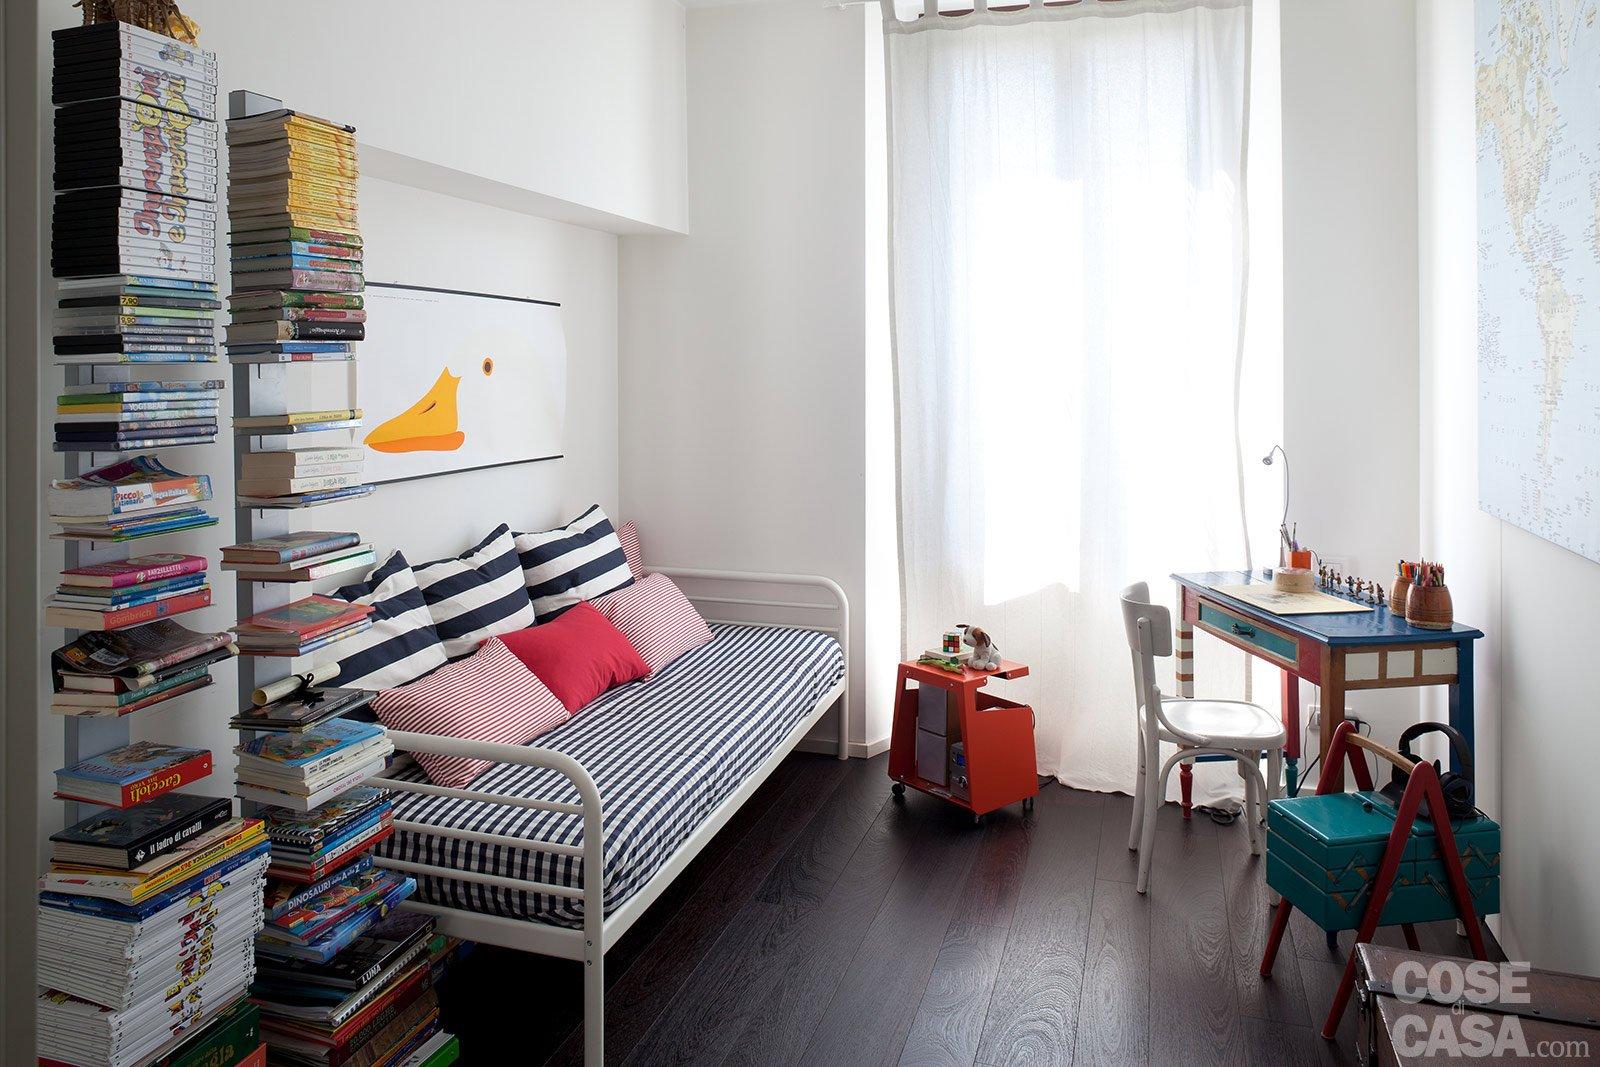 70 mq la casa migliora cos cose di casa for Camera letto e studio